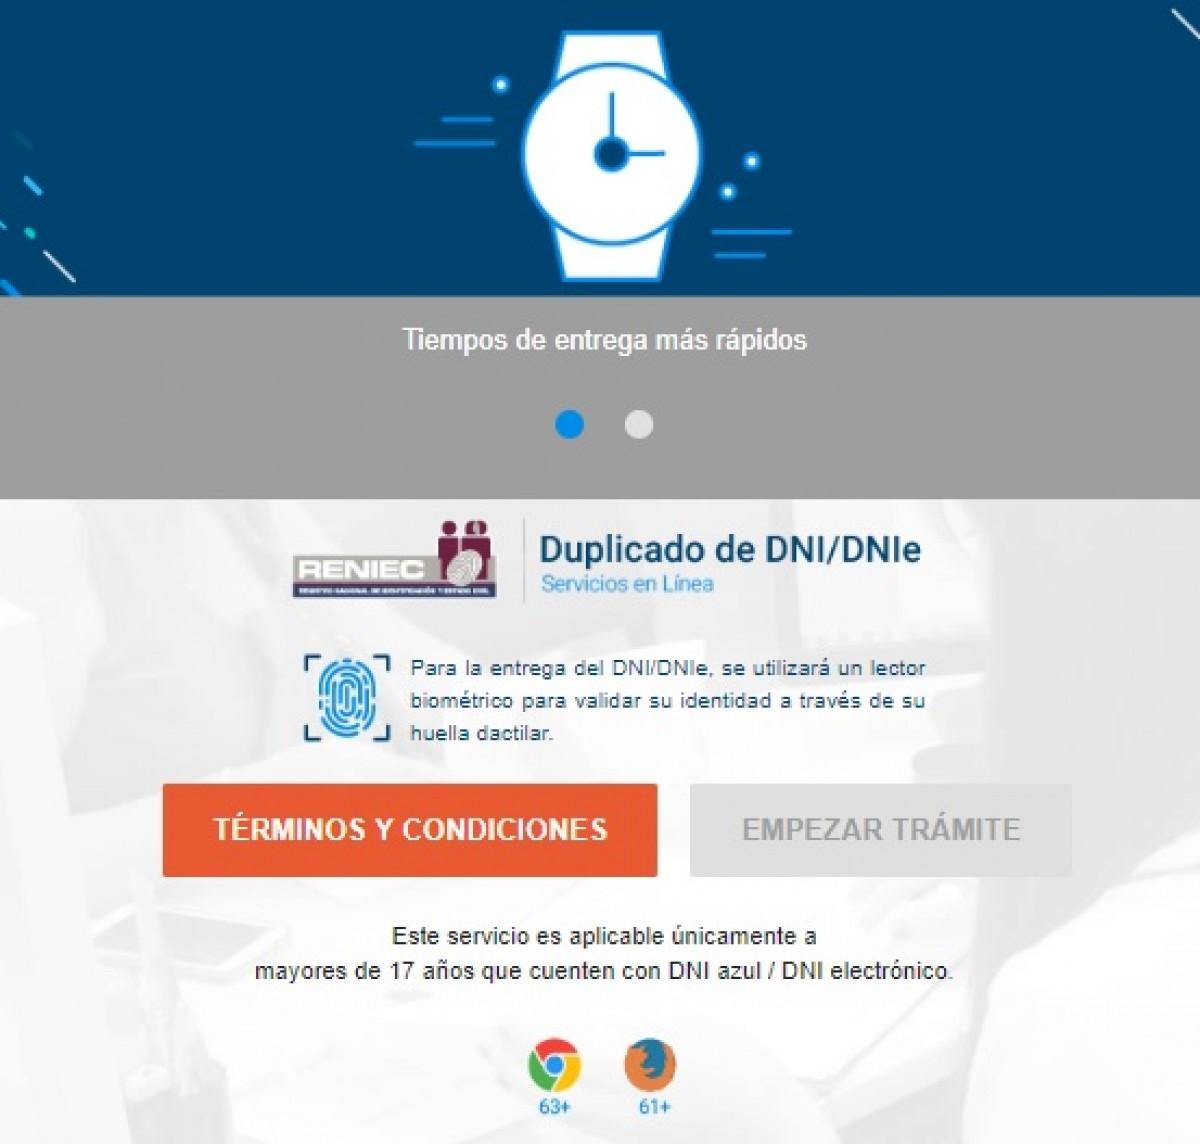 Reniec: consulta aquí cómo sacar duplicado de DNI por Internet online    Cuarentena Perú   LINK reniec gob pe   Cómo saber fecha de emisión del DNI    Reniec consulta DNI   FOTOS